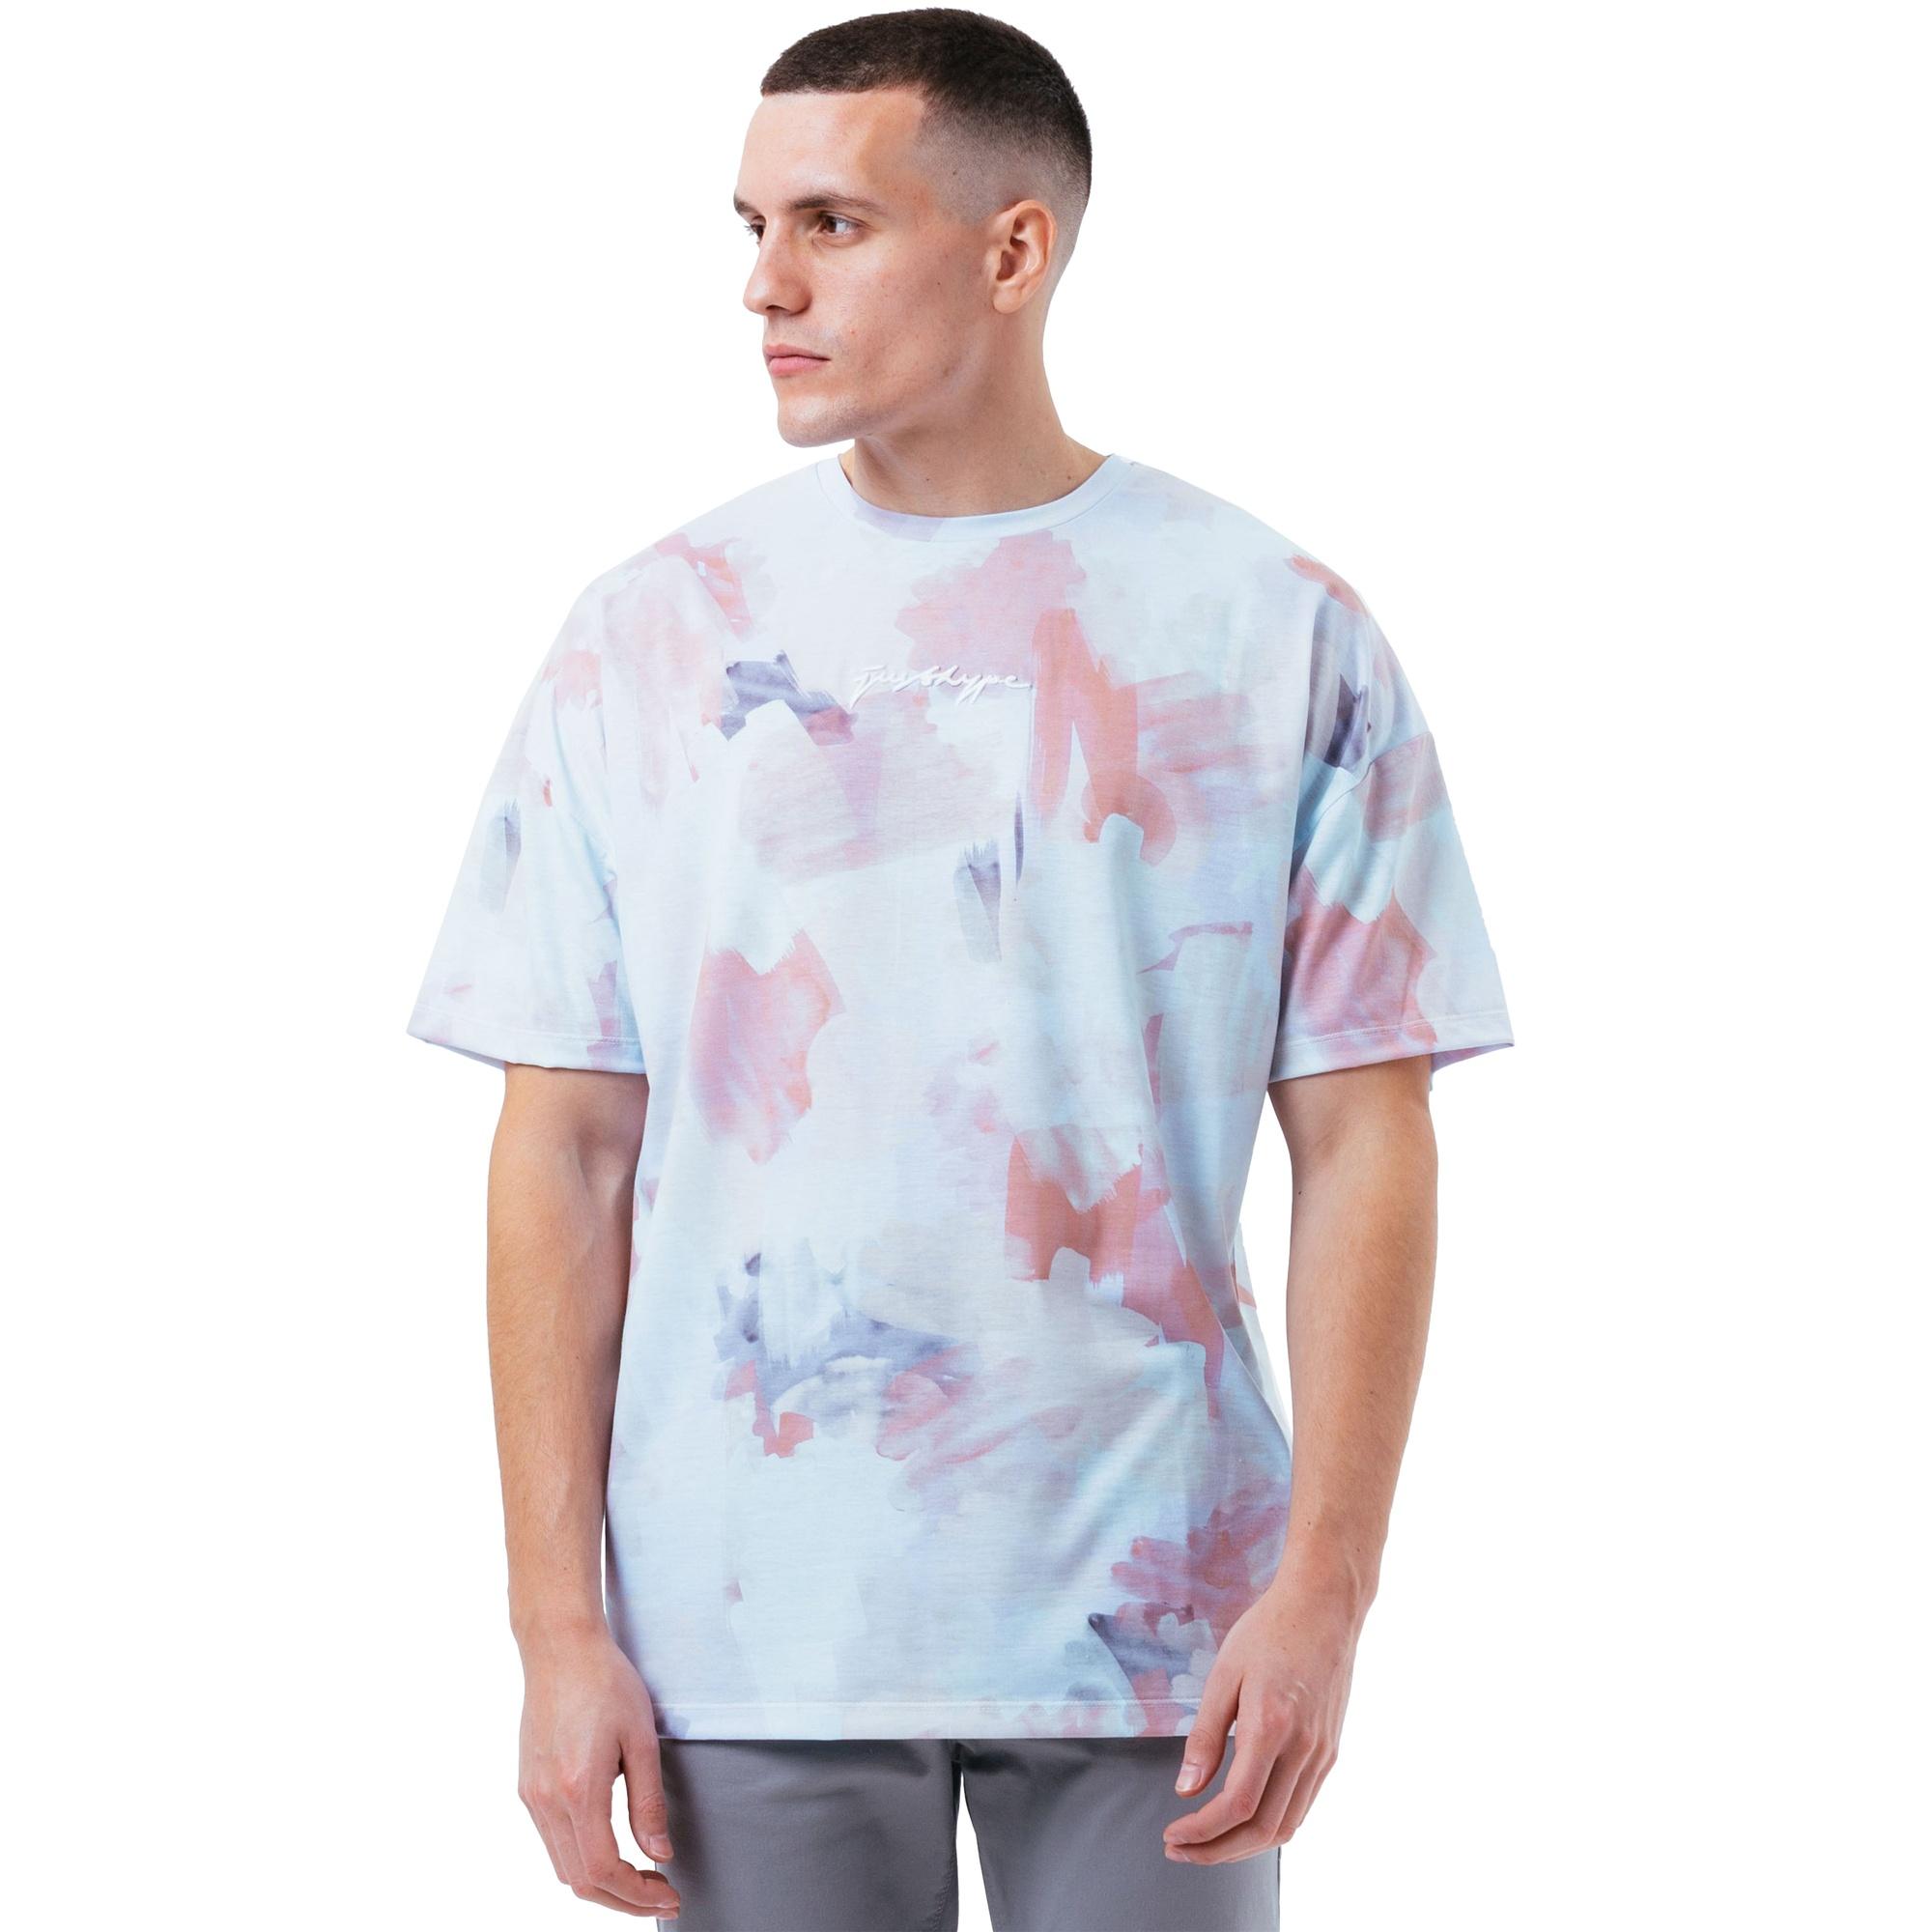 Hype Mens Watercolour Oversized T-Shirt (XXL) (Light Blue/Peach)